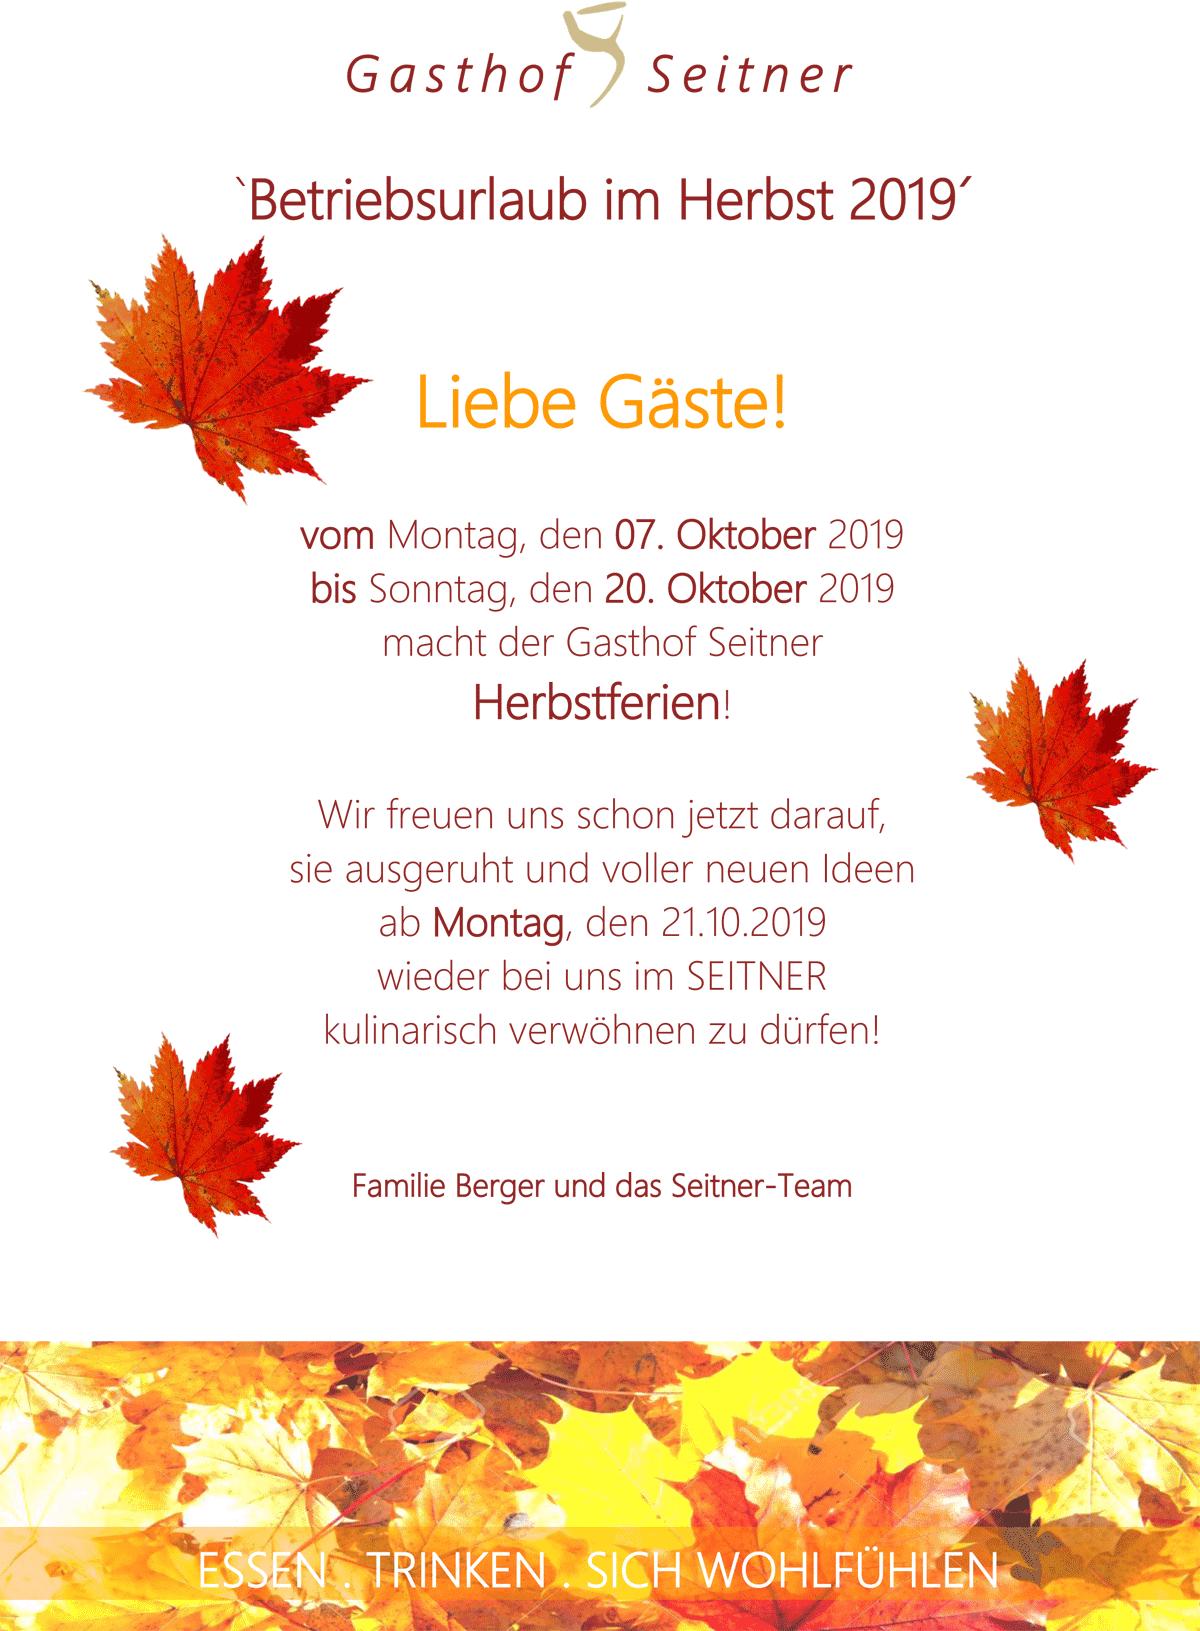 Betriebsurlaub-Herbst-2019